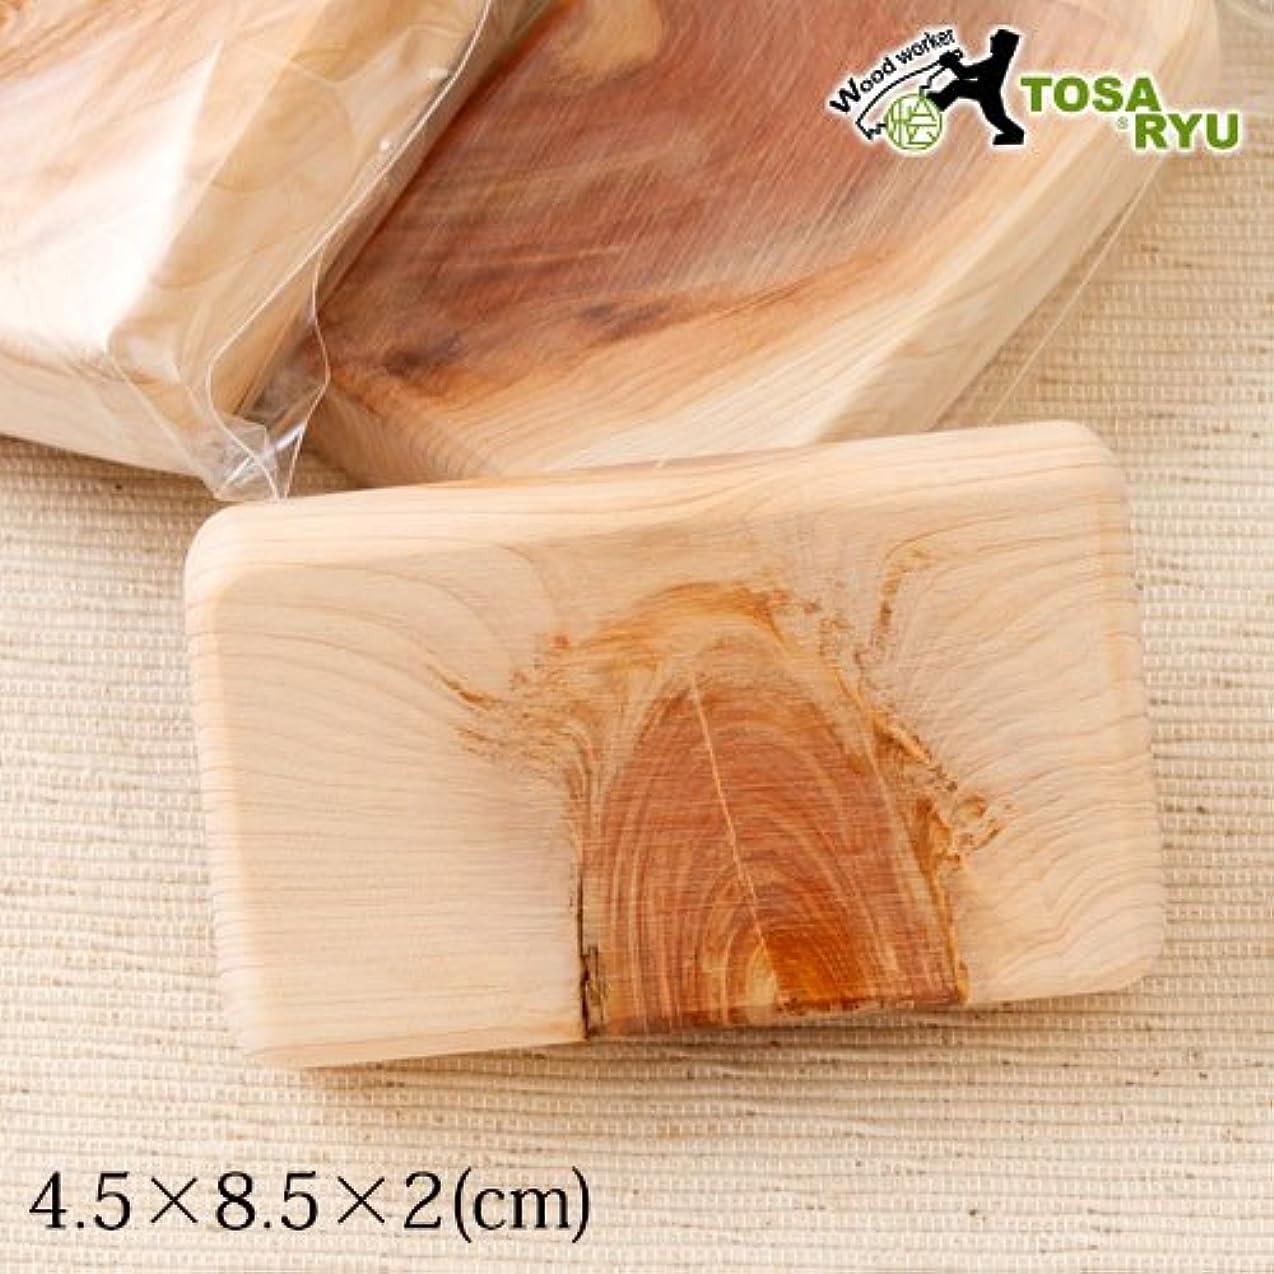 信頼性プラグテレックス土佐龍アロマブロック(1個)高知県の工芸品Aroma massager of cypress, Kochi craft